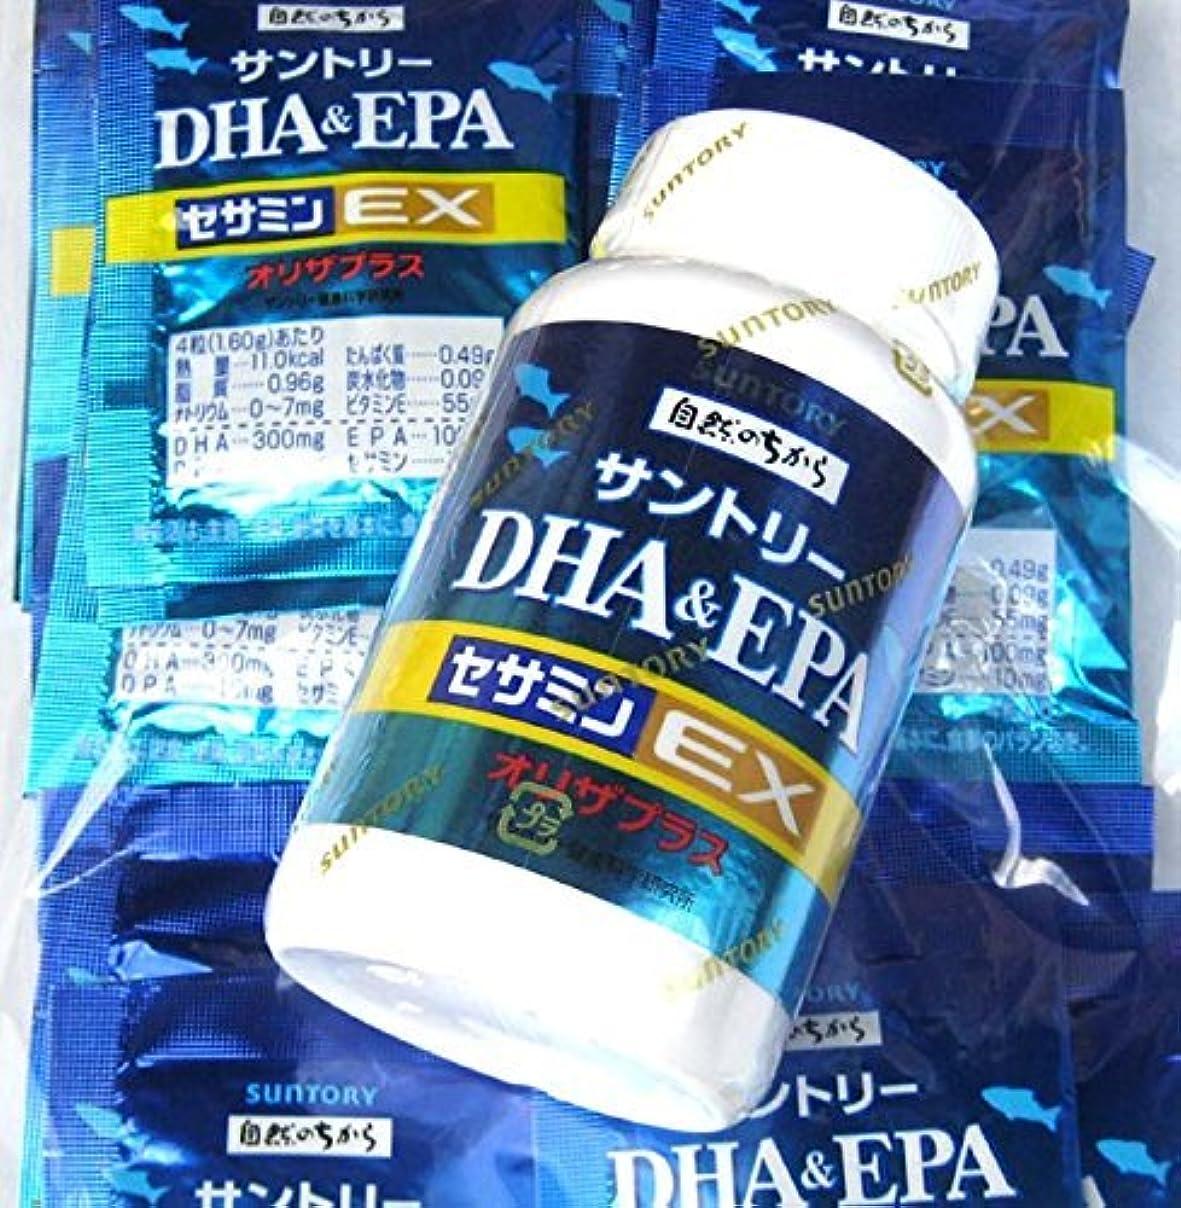 オッズ発生器句読点サントリー DHA&EPA+セサミンEX 360粒 (240粒+120粒